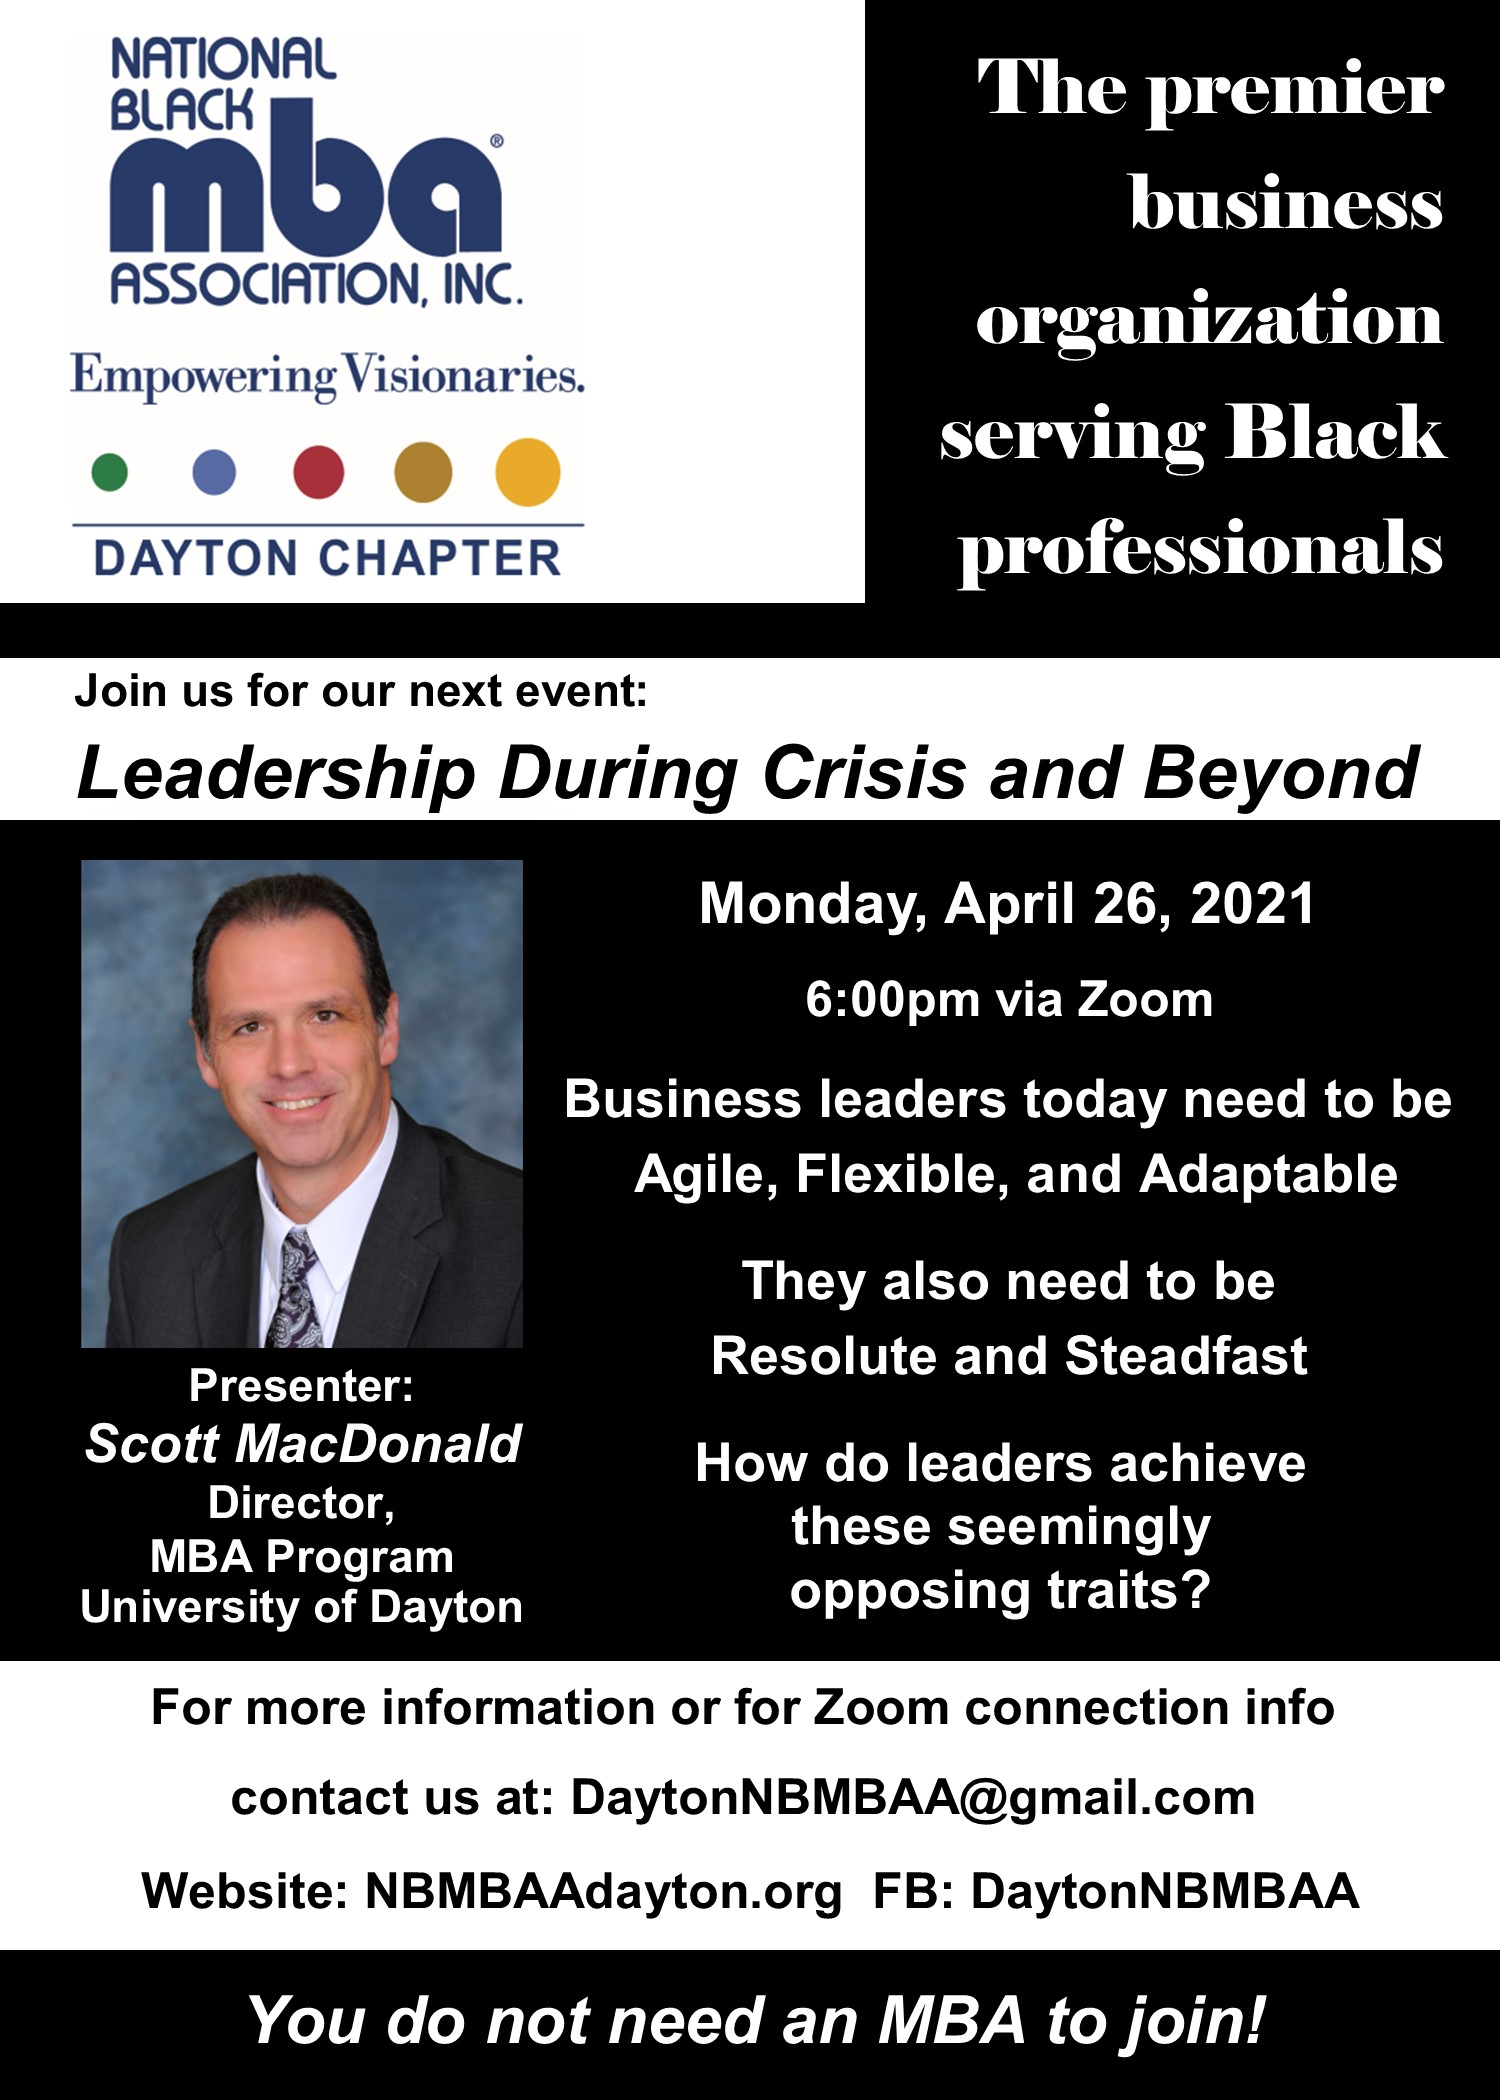 NBMBAA Dayton Chapter